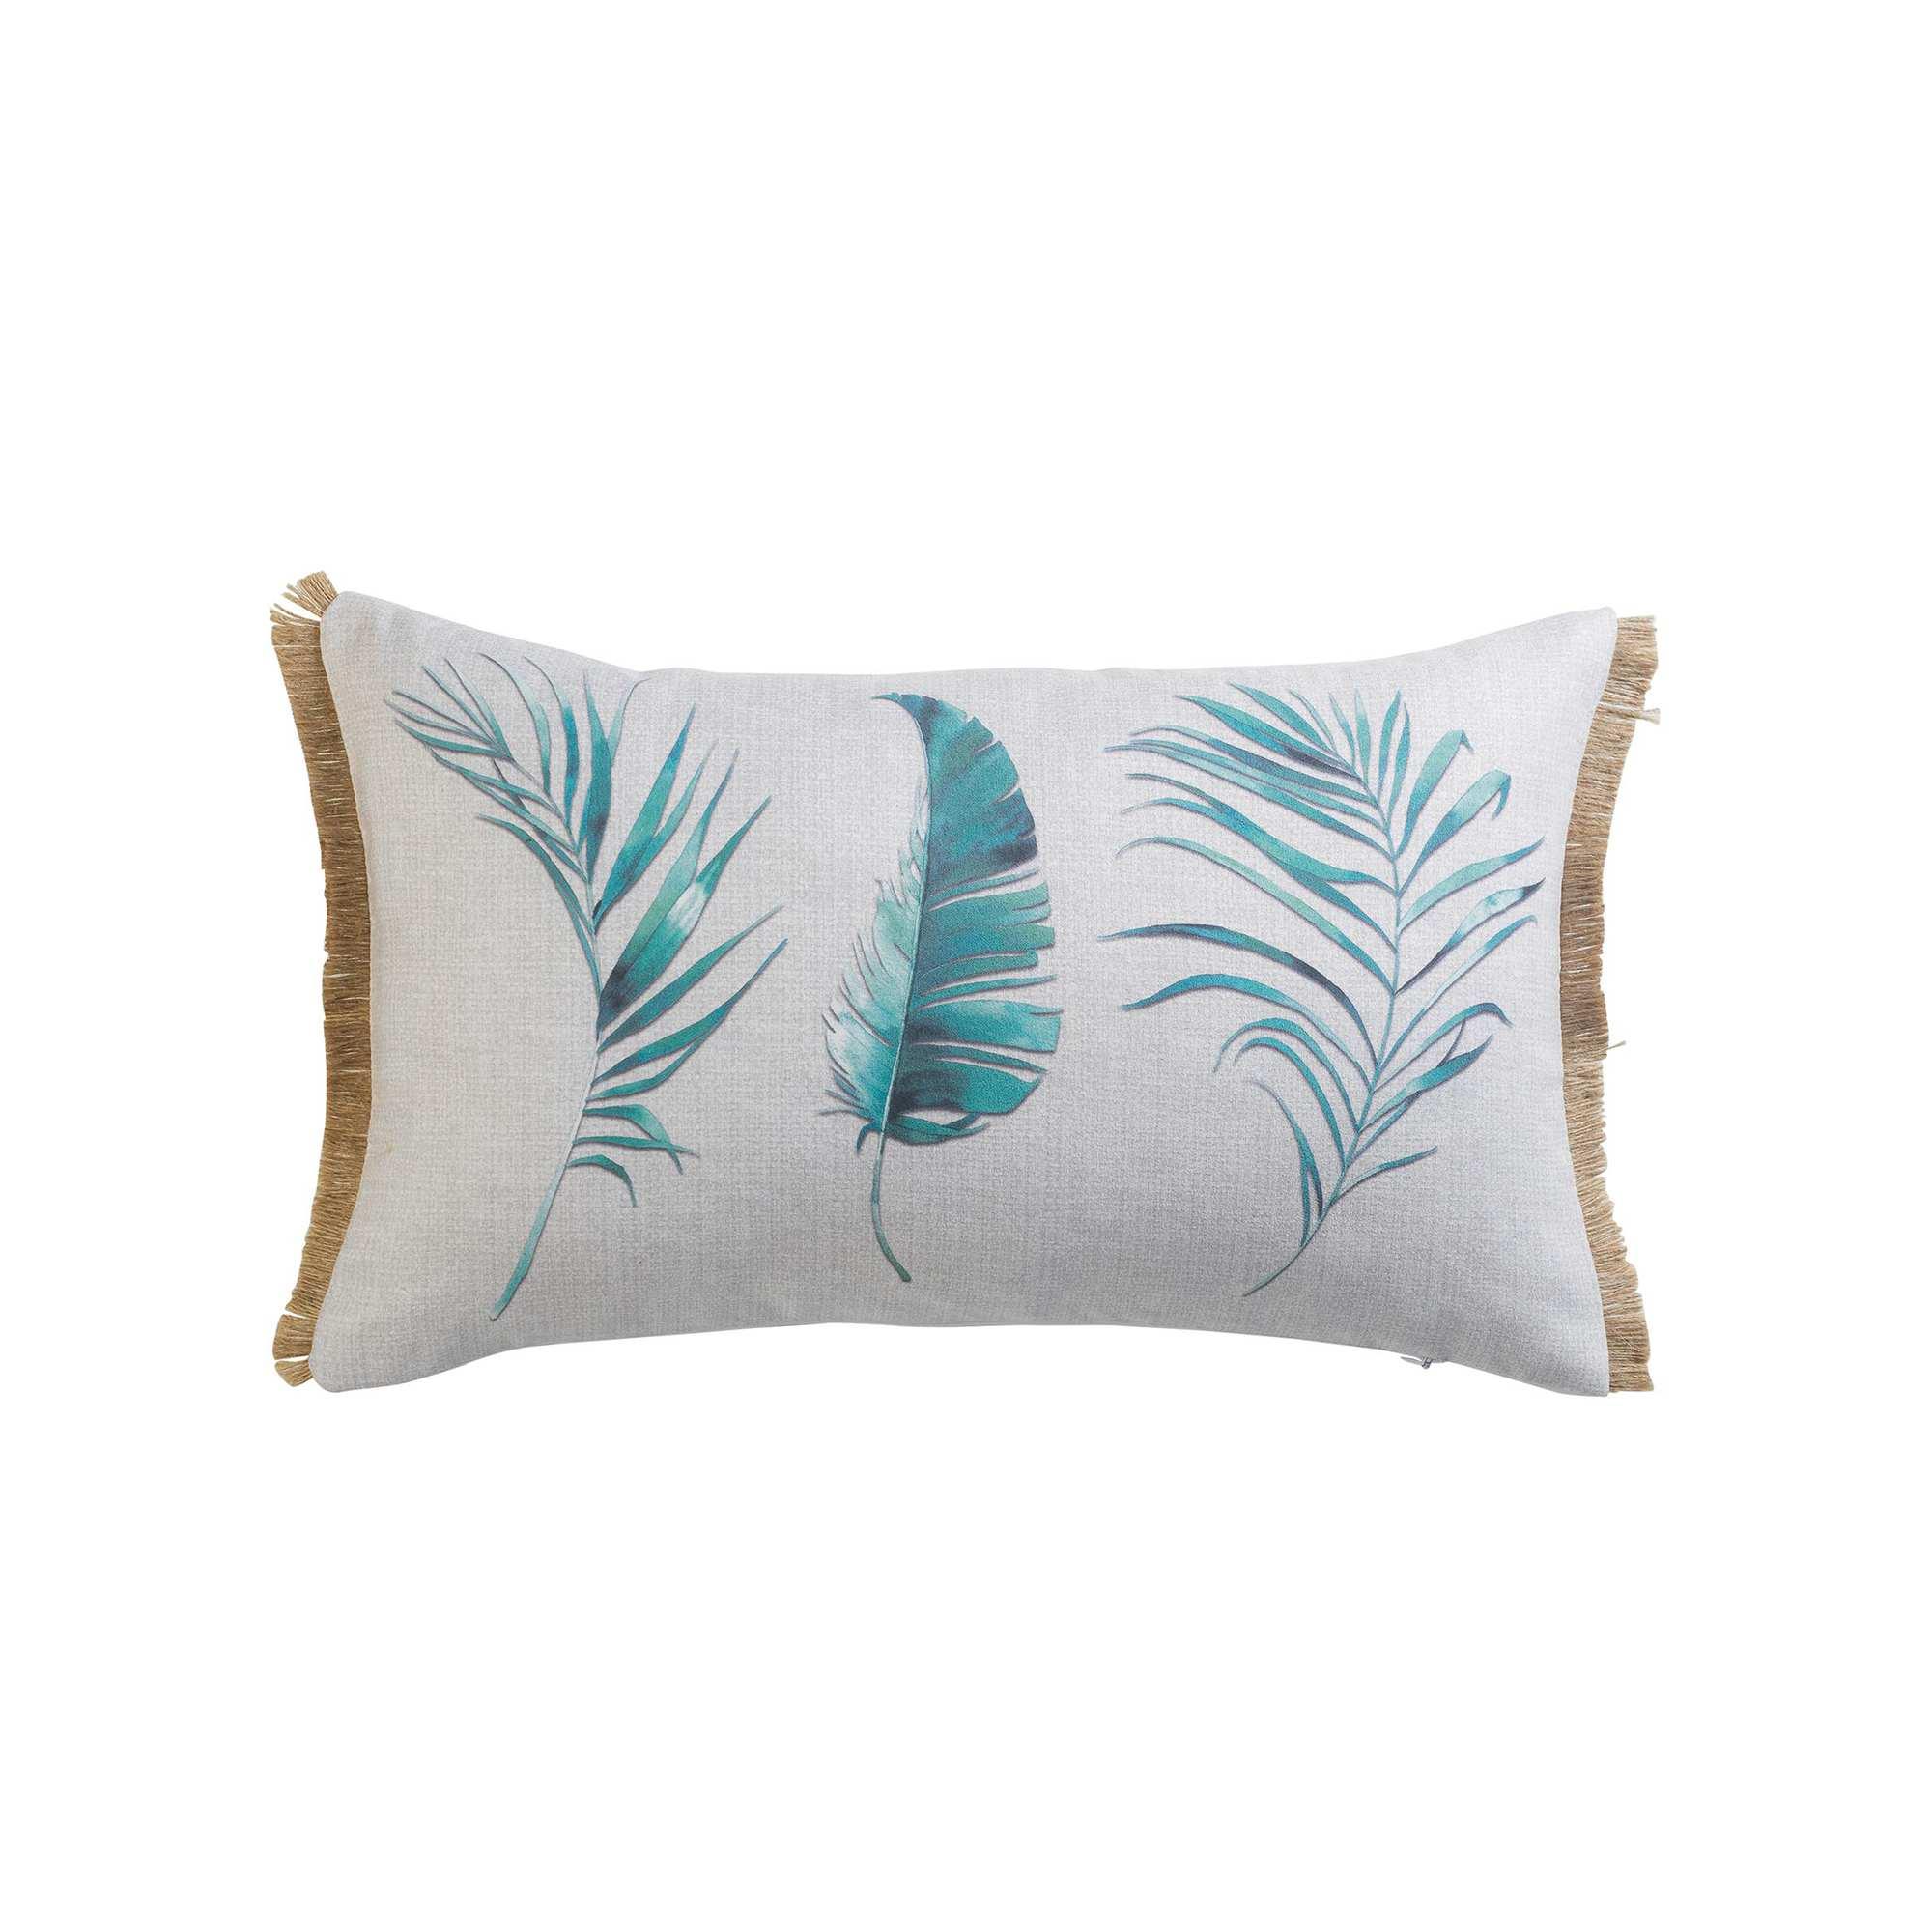 coussin rectangulaire 39 plume 39 linge de lit blanc kiabi. Black Bedroom Furniture Sets. Home Design Ideas